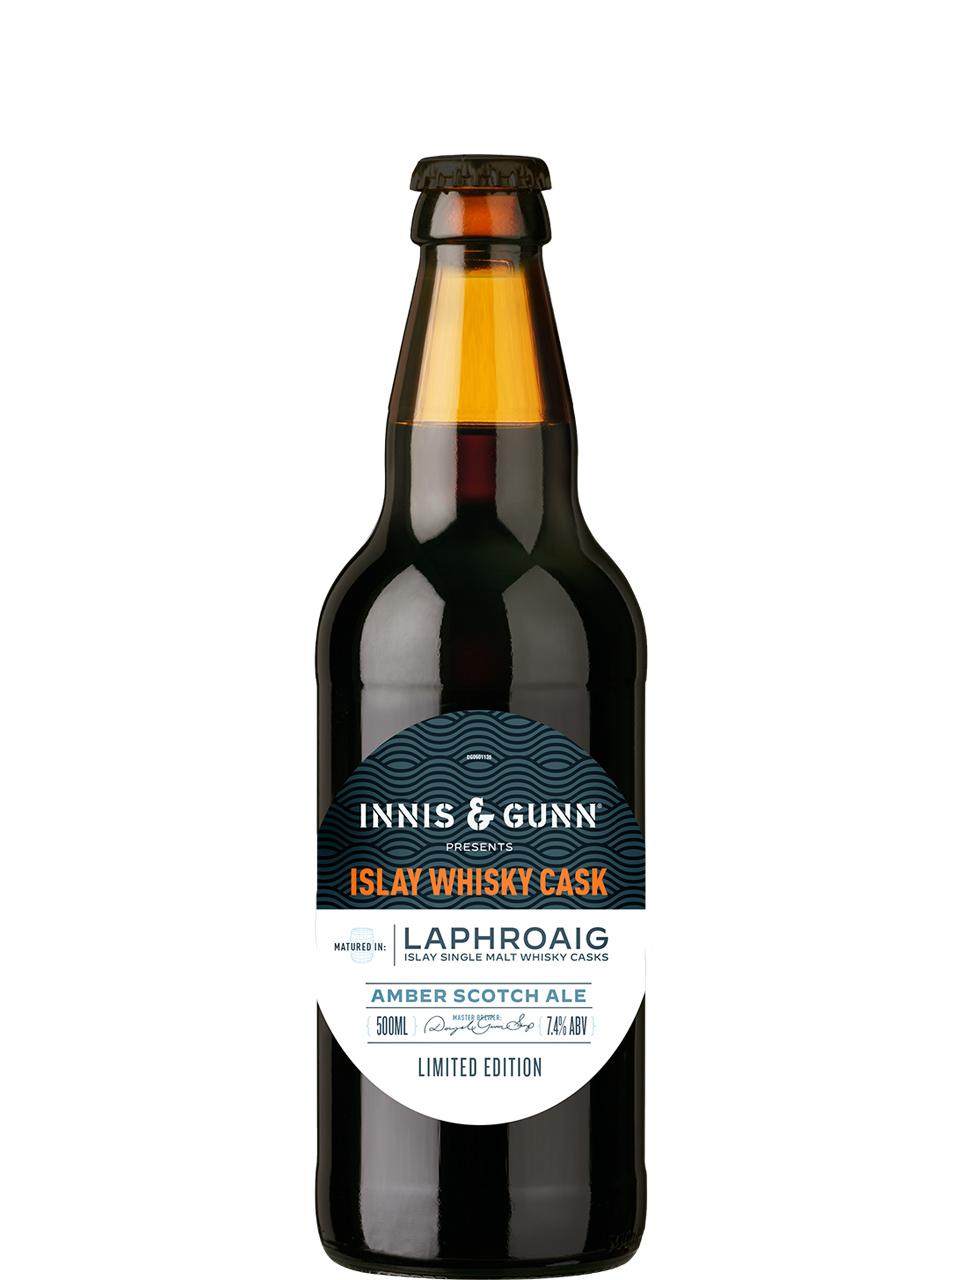 Innis & Gunn Islay Whisky Cask Laphroaig Edition